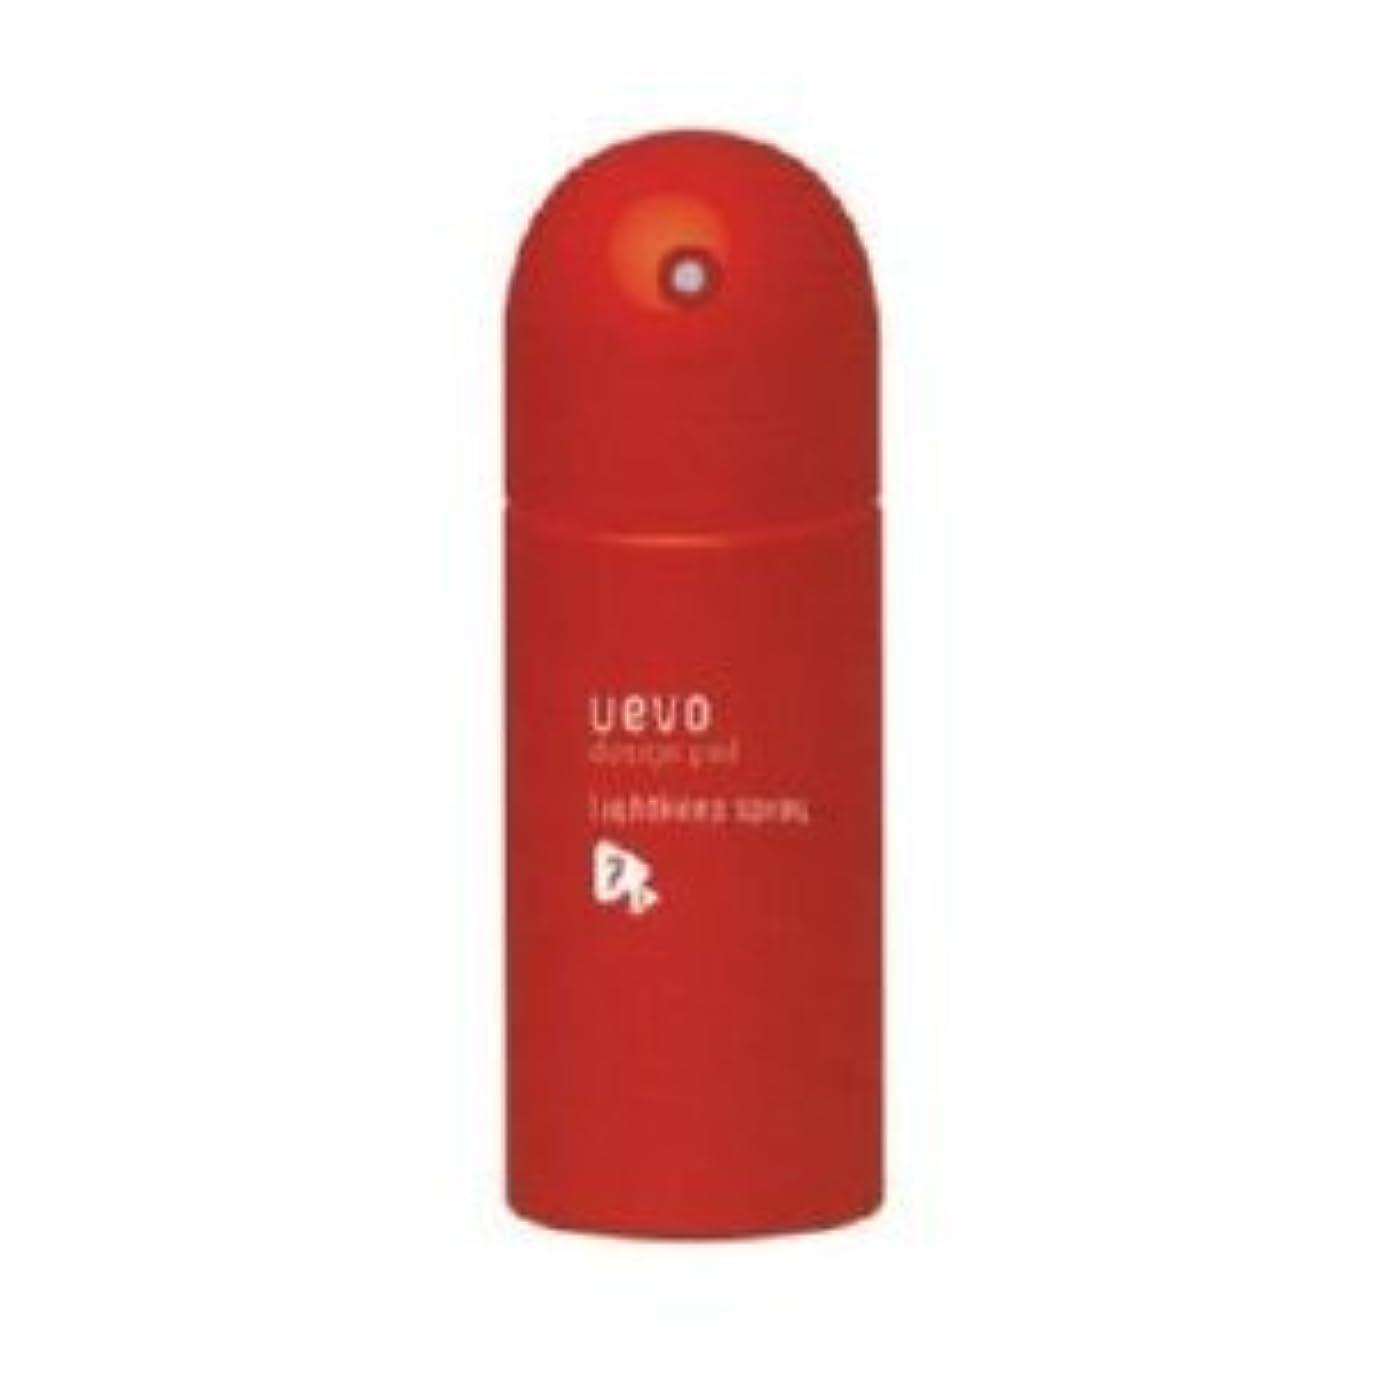 一回変な大破【X2個セット】 デミ ウェーボ デザインポッド ライトキープスプレー 220ml lightkeep spray DEMI uevo design pod